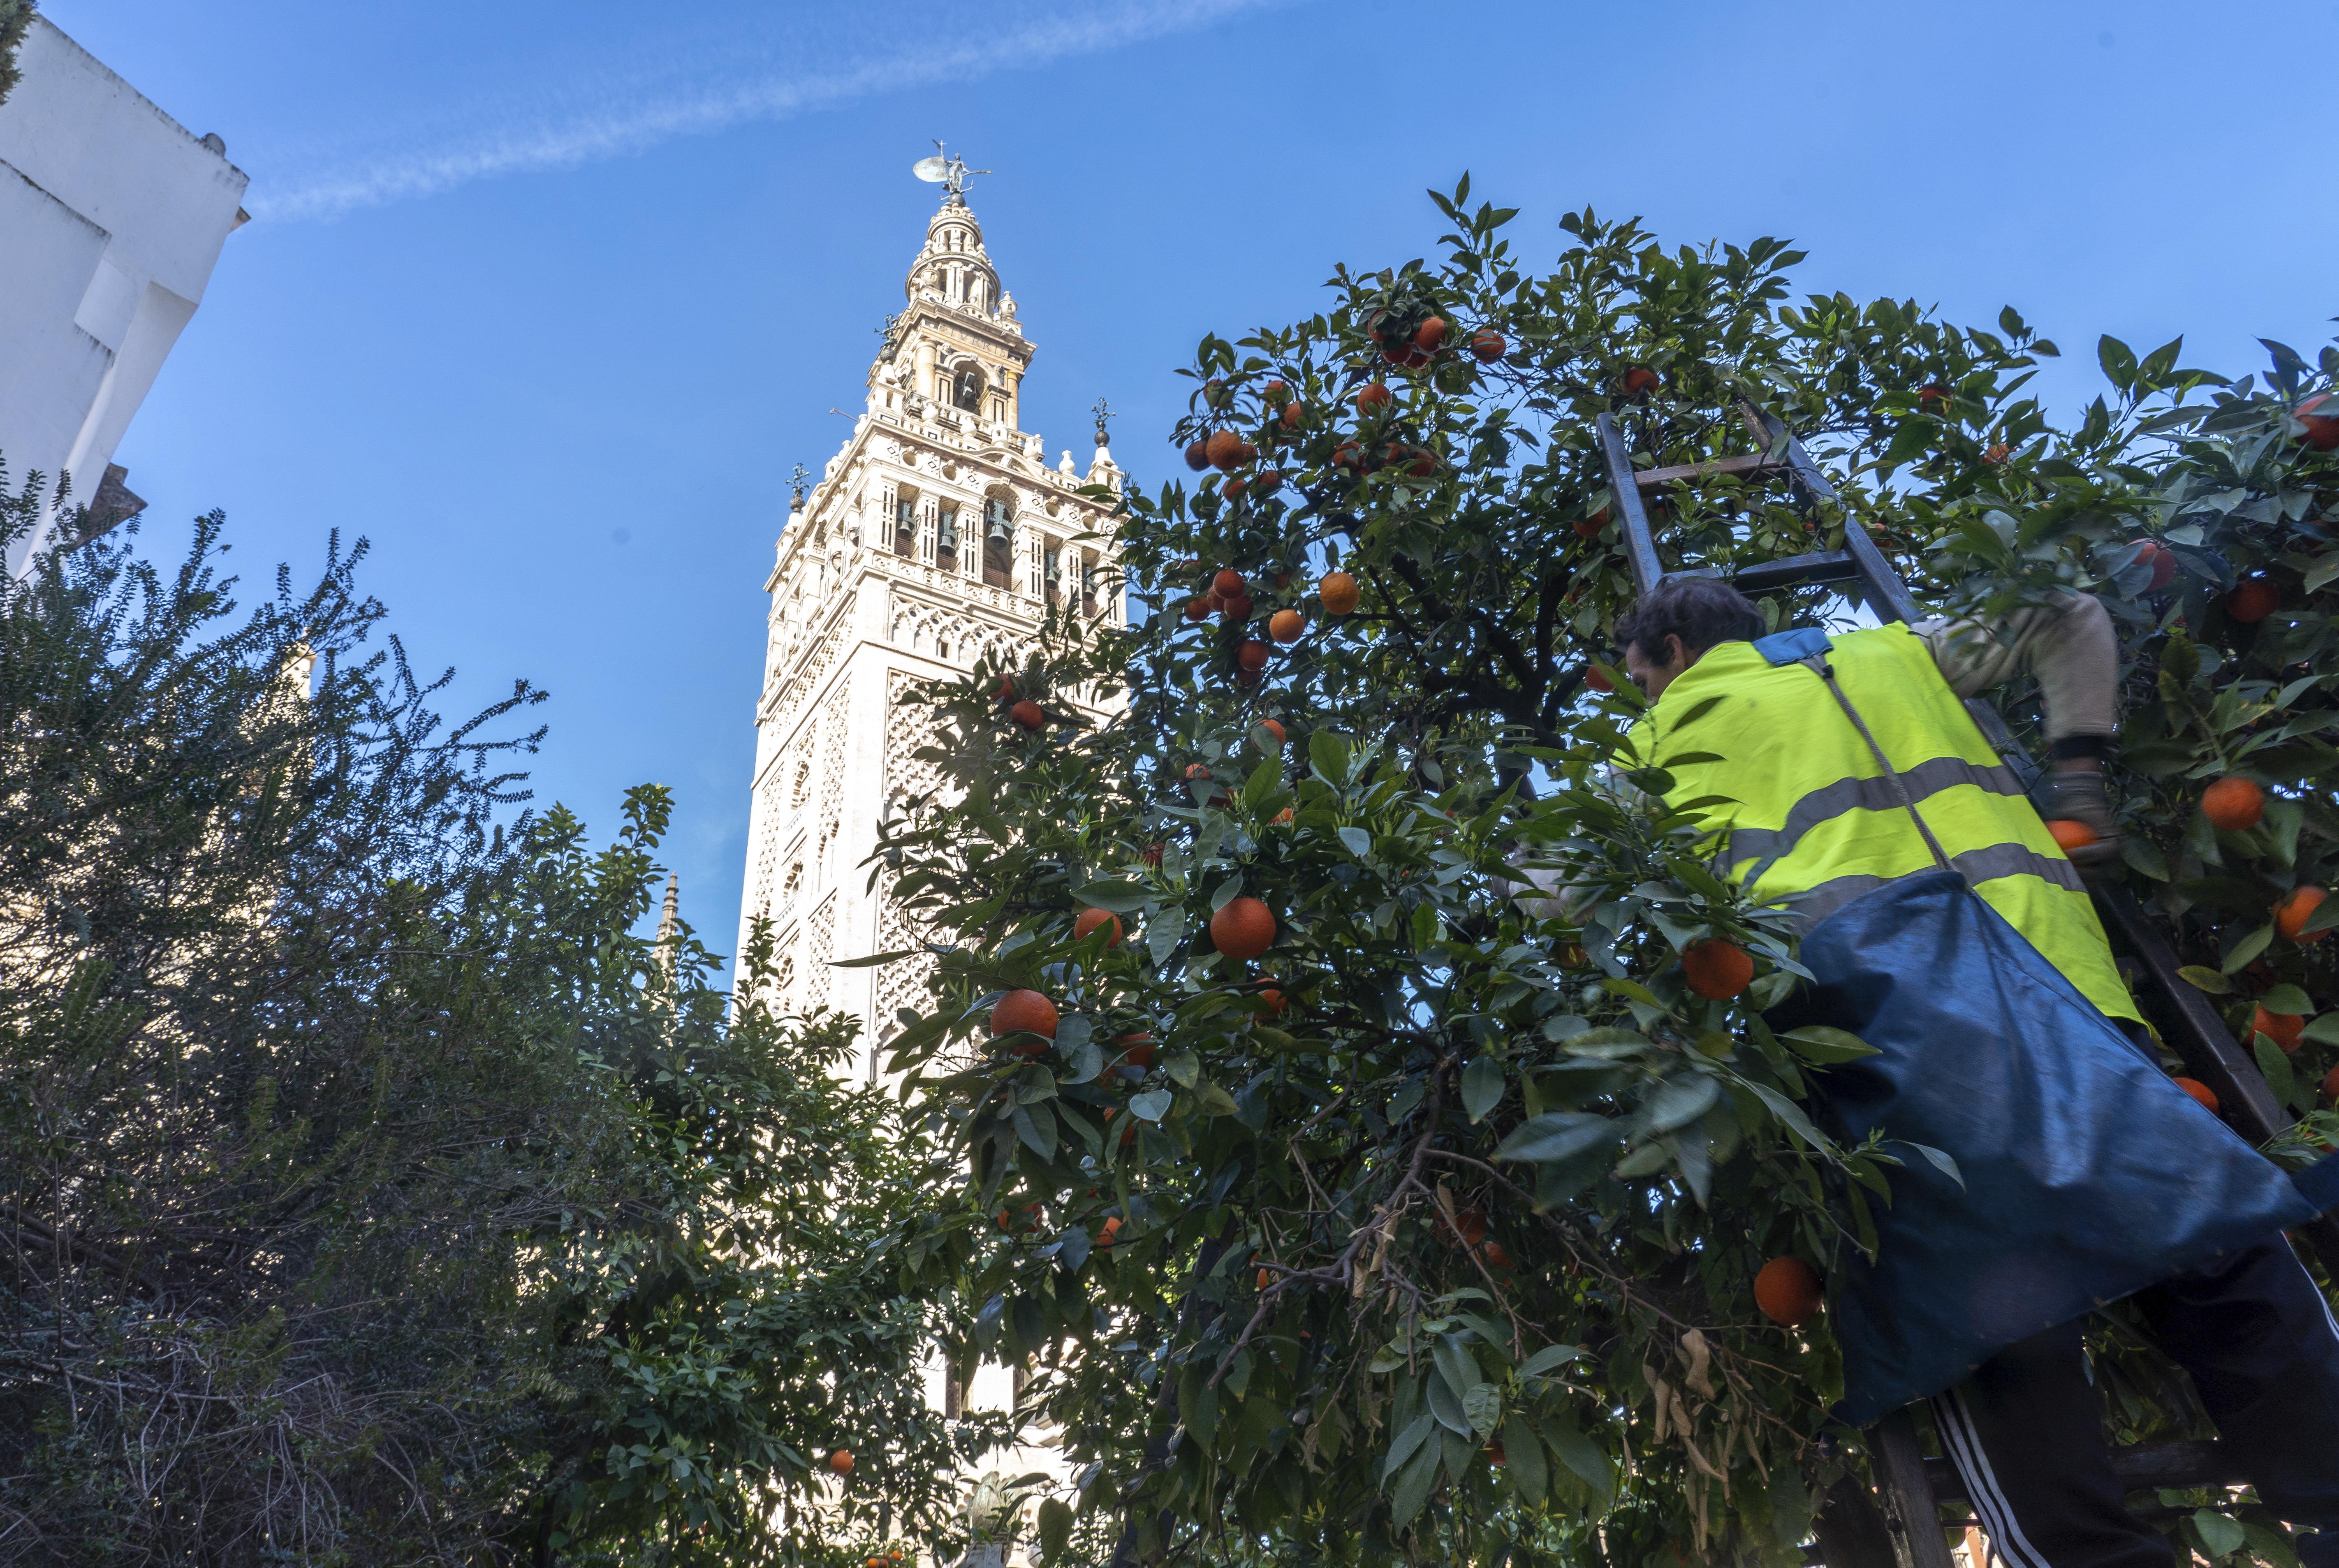 Operarios recogen naranjas en la plaza Virgen de los Reyes de Sevilla